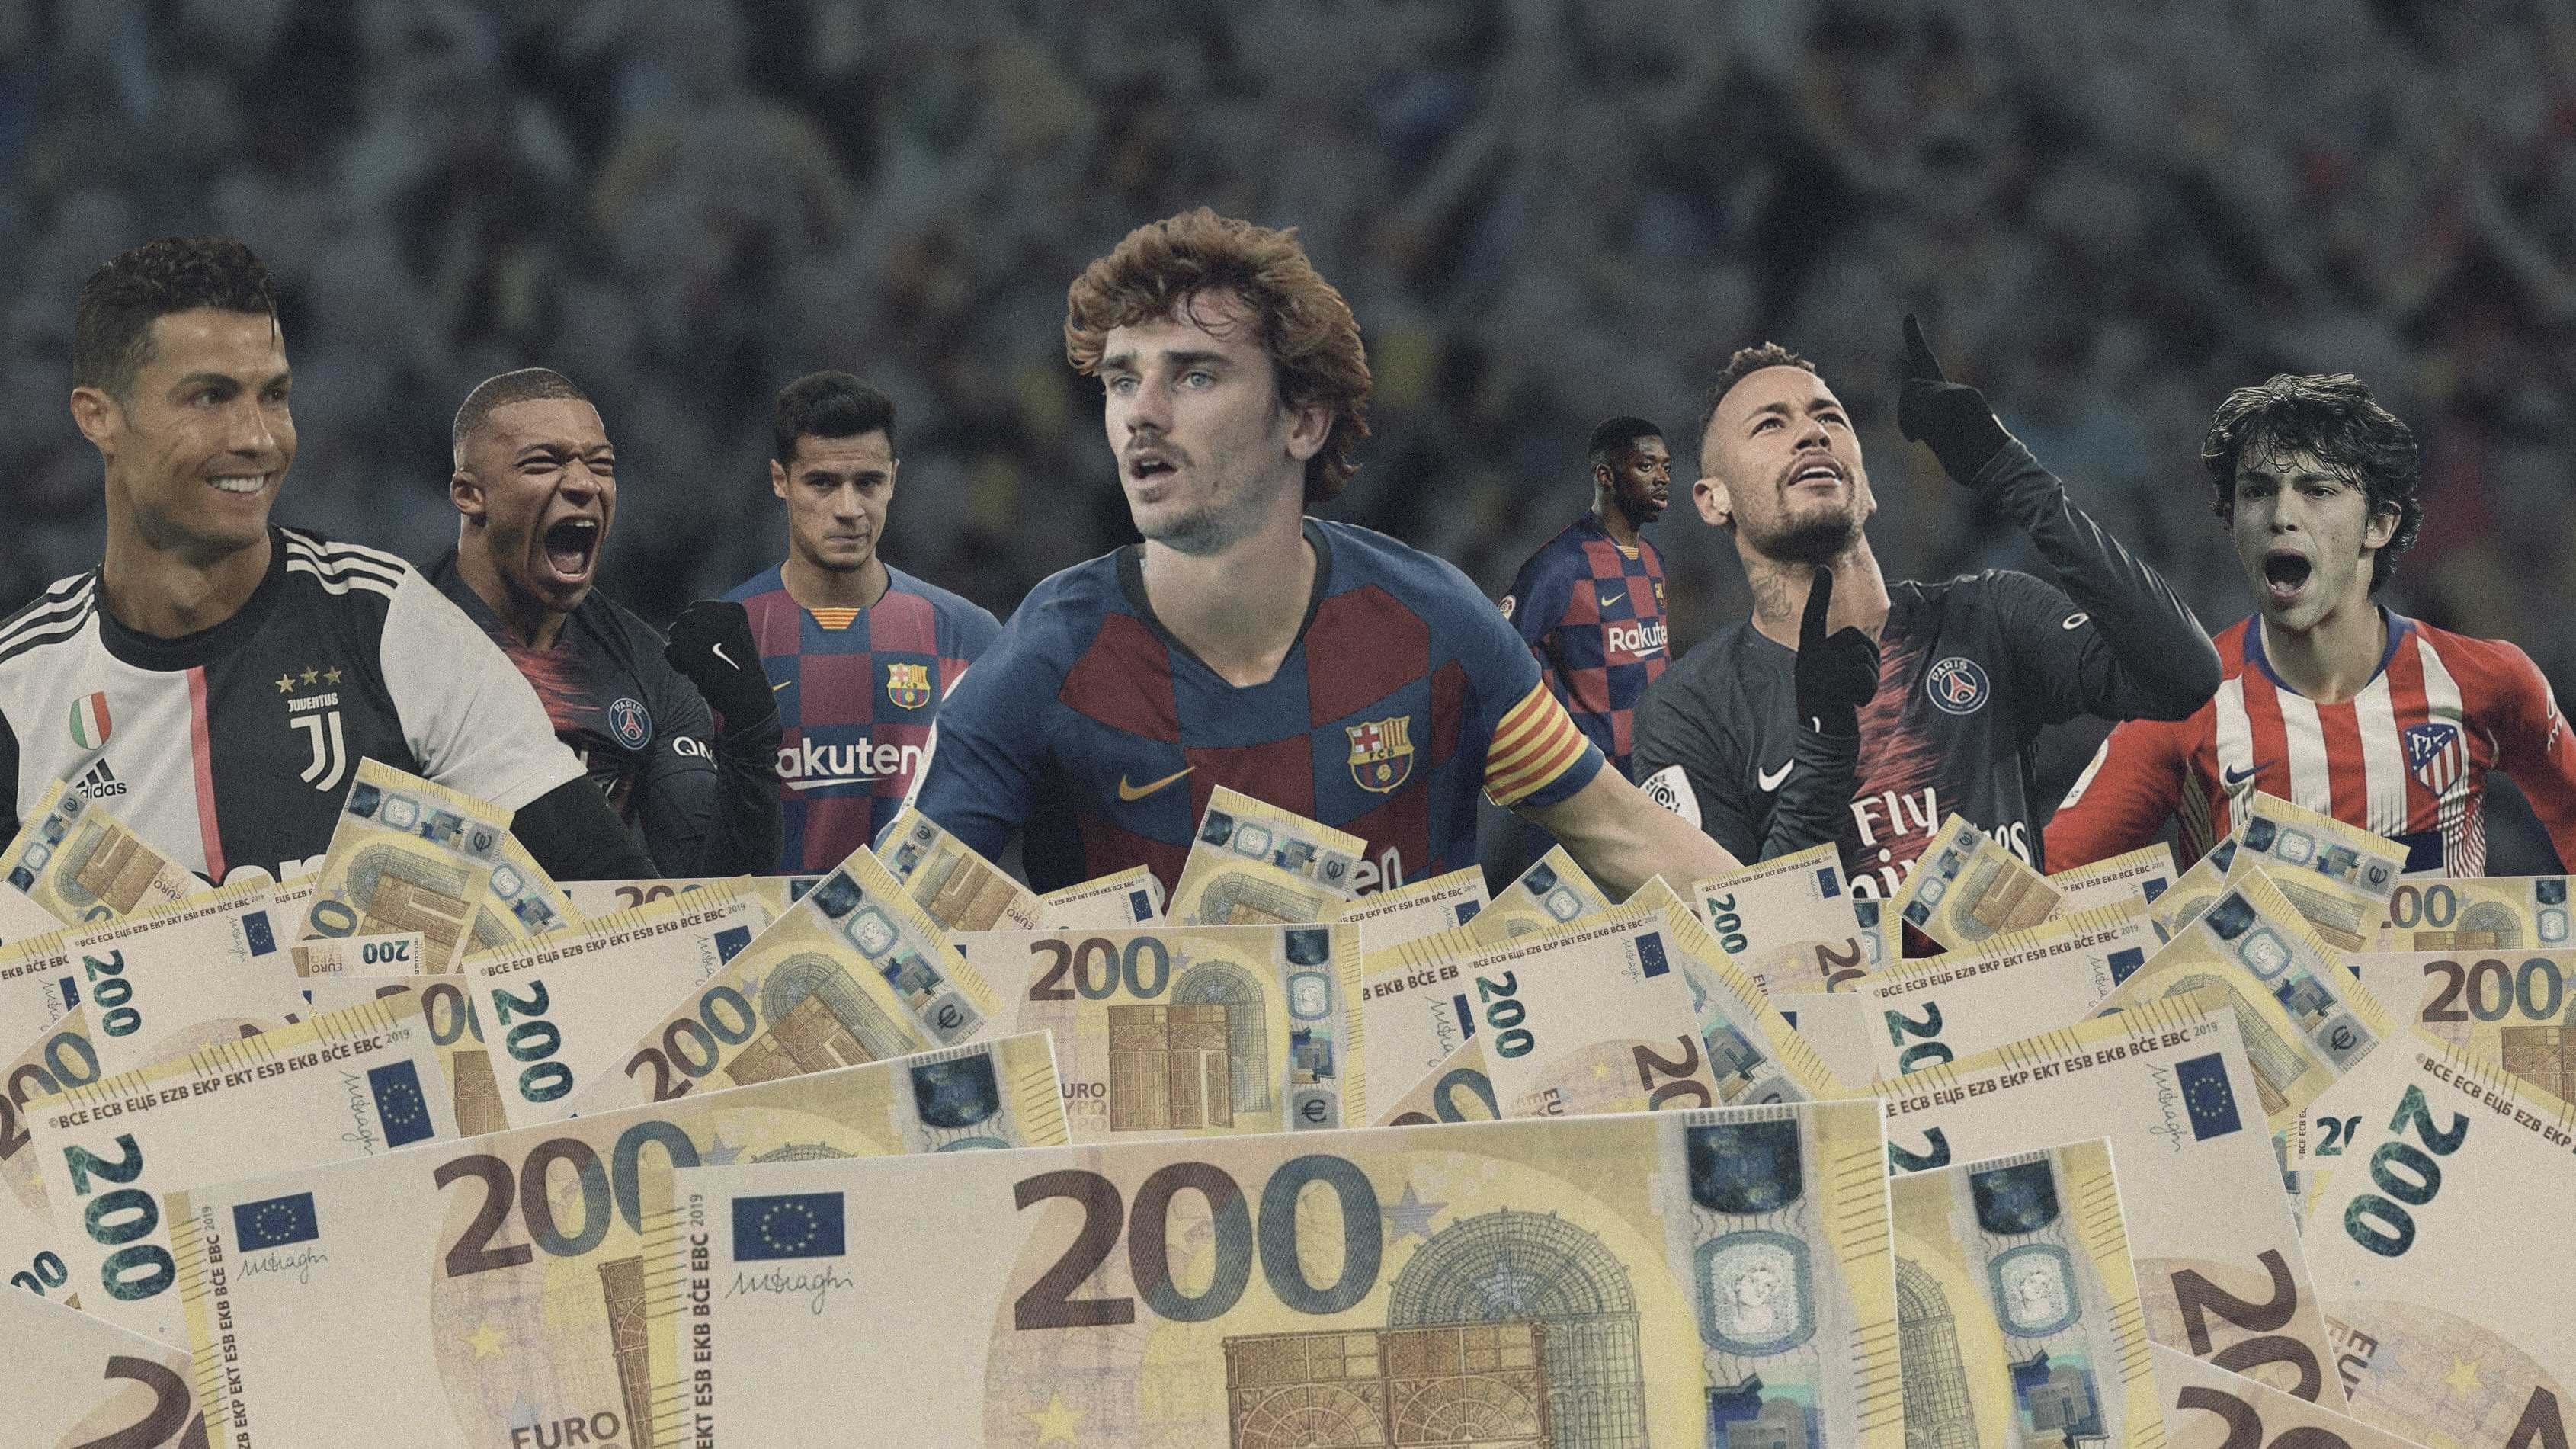 Los fichajes más caros de la historia del fútbol